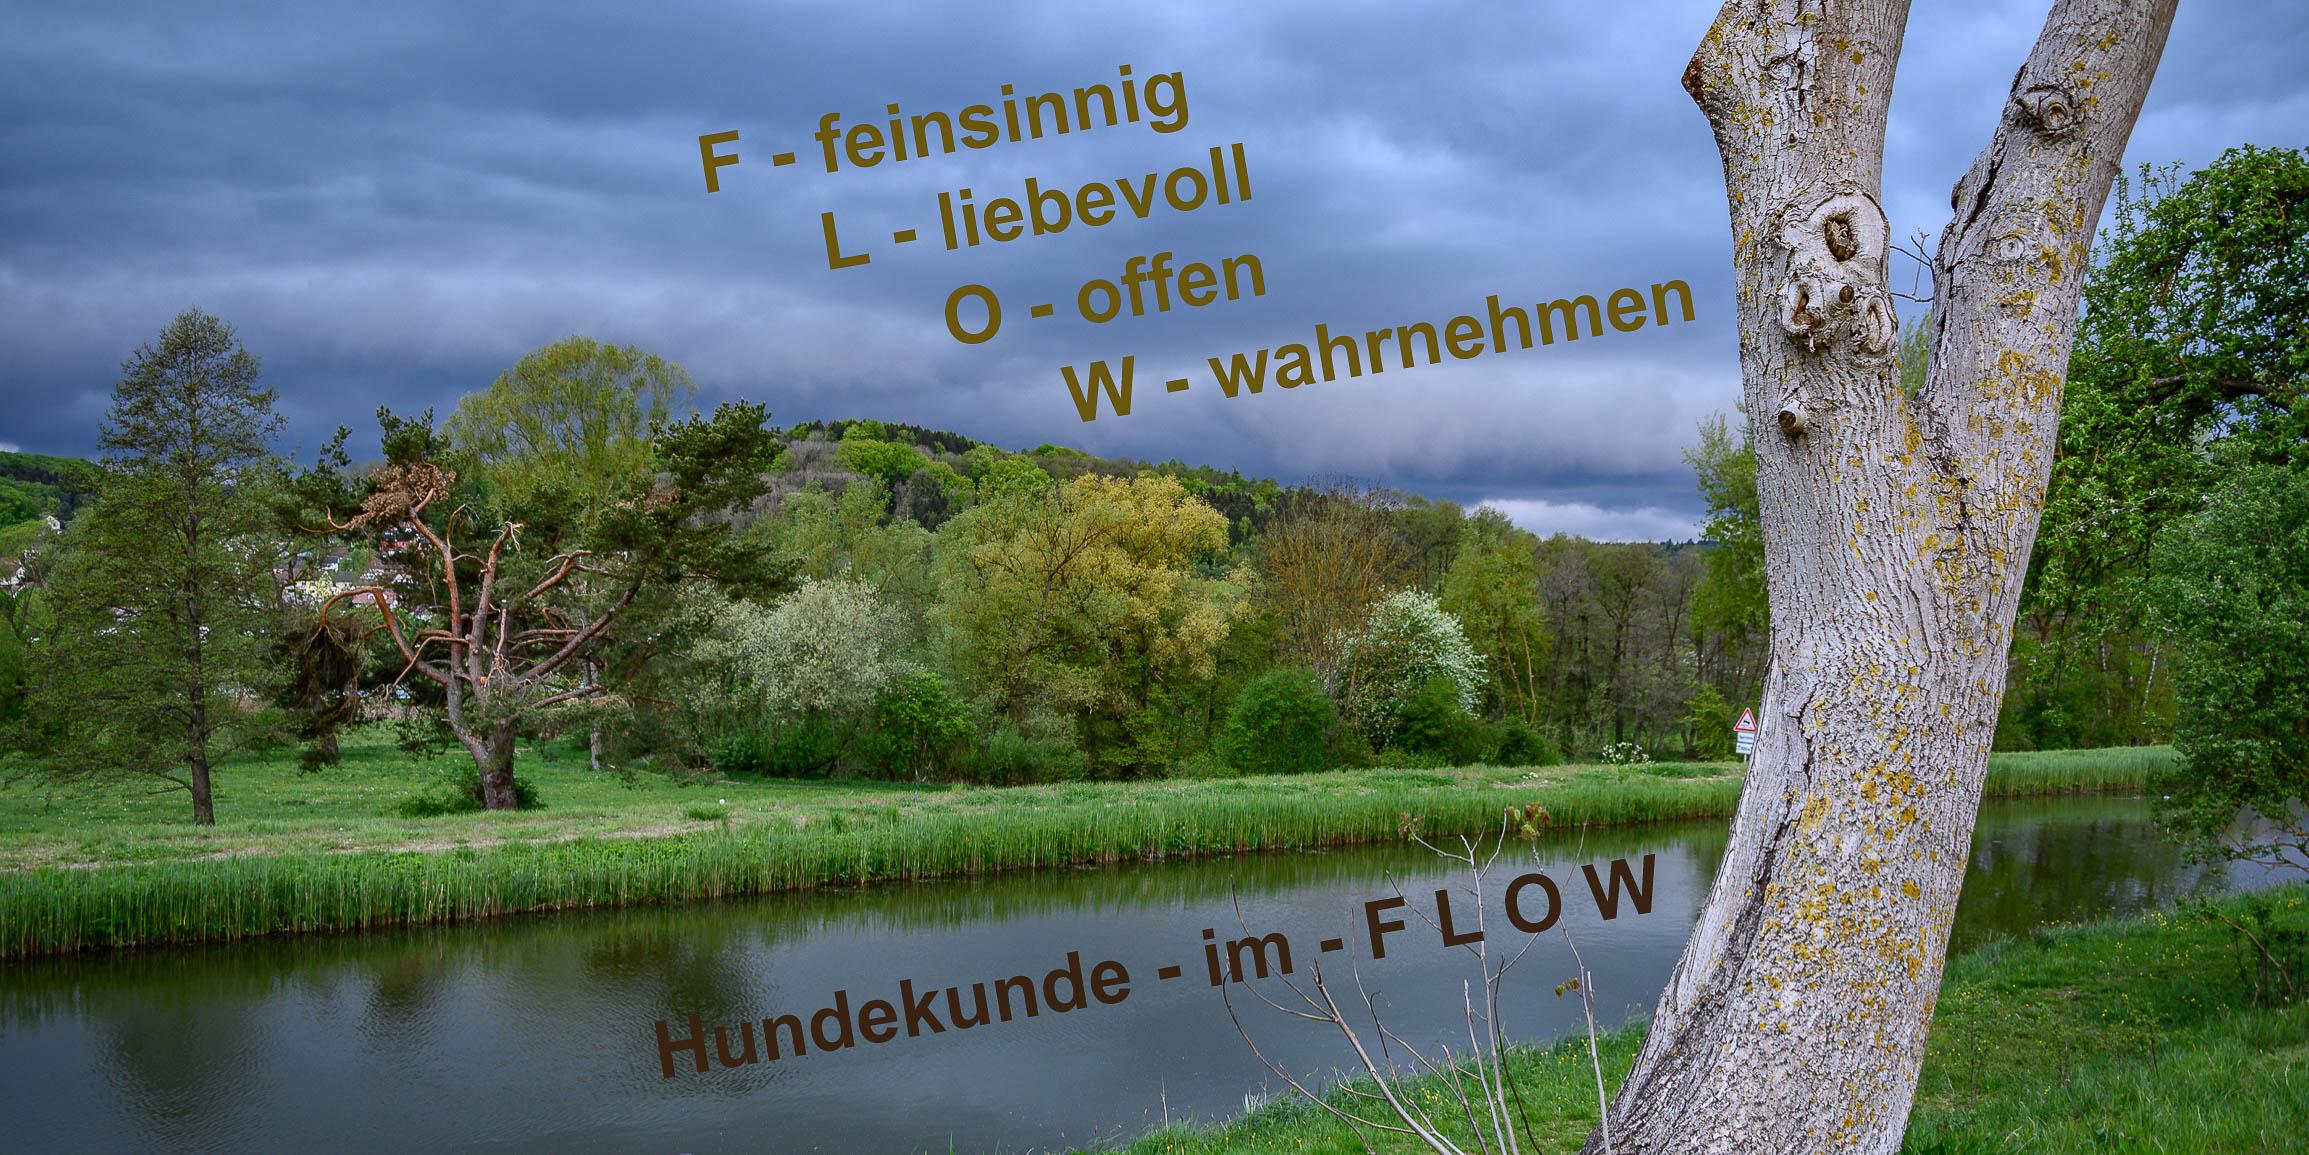 Beschreibung von Hundekunde-im-flow in Bild mit Fluss